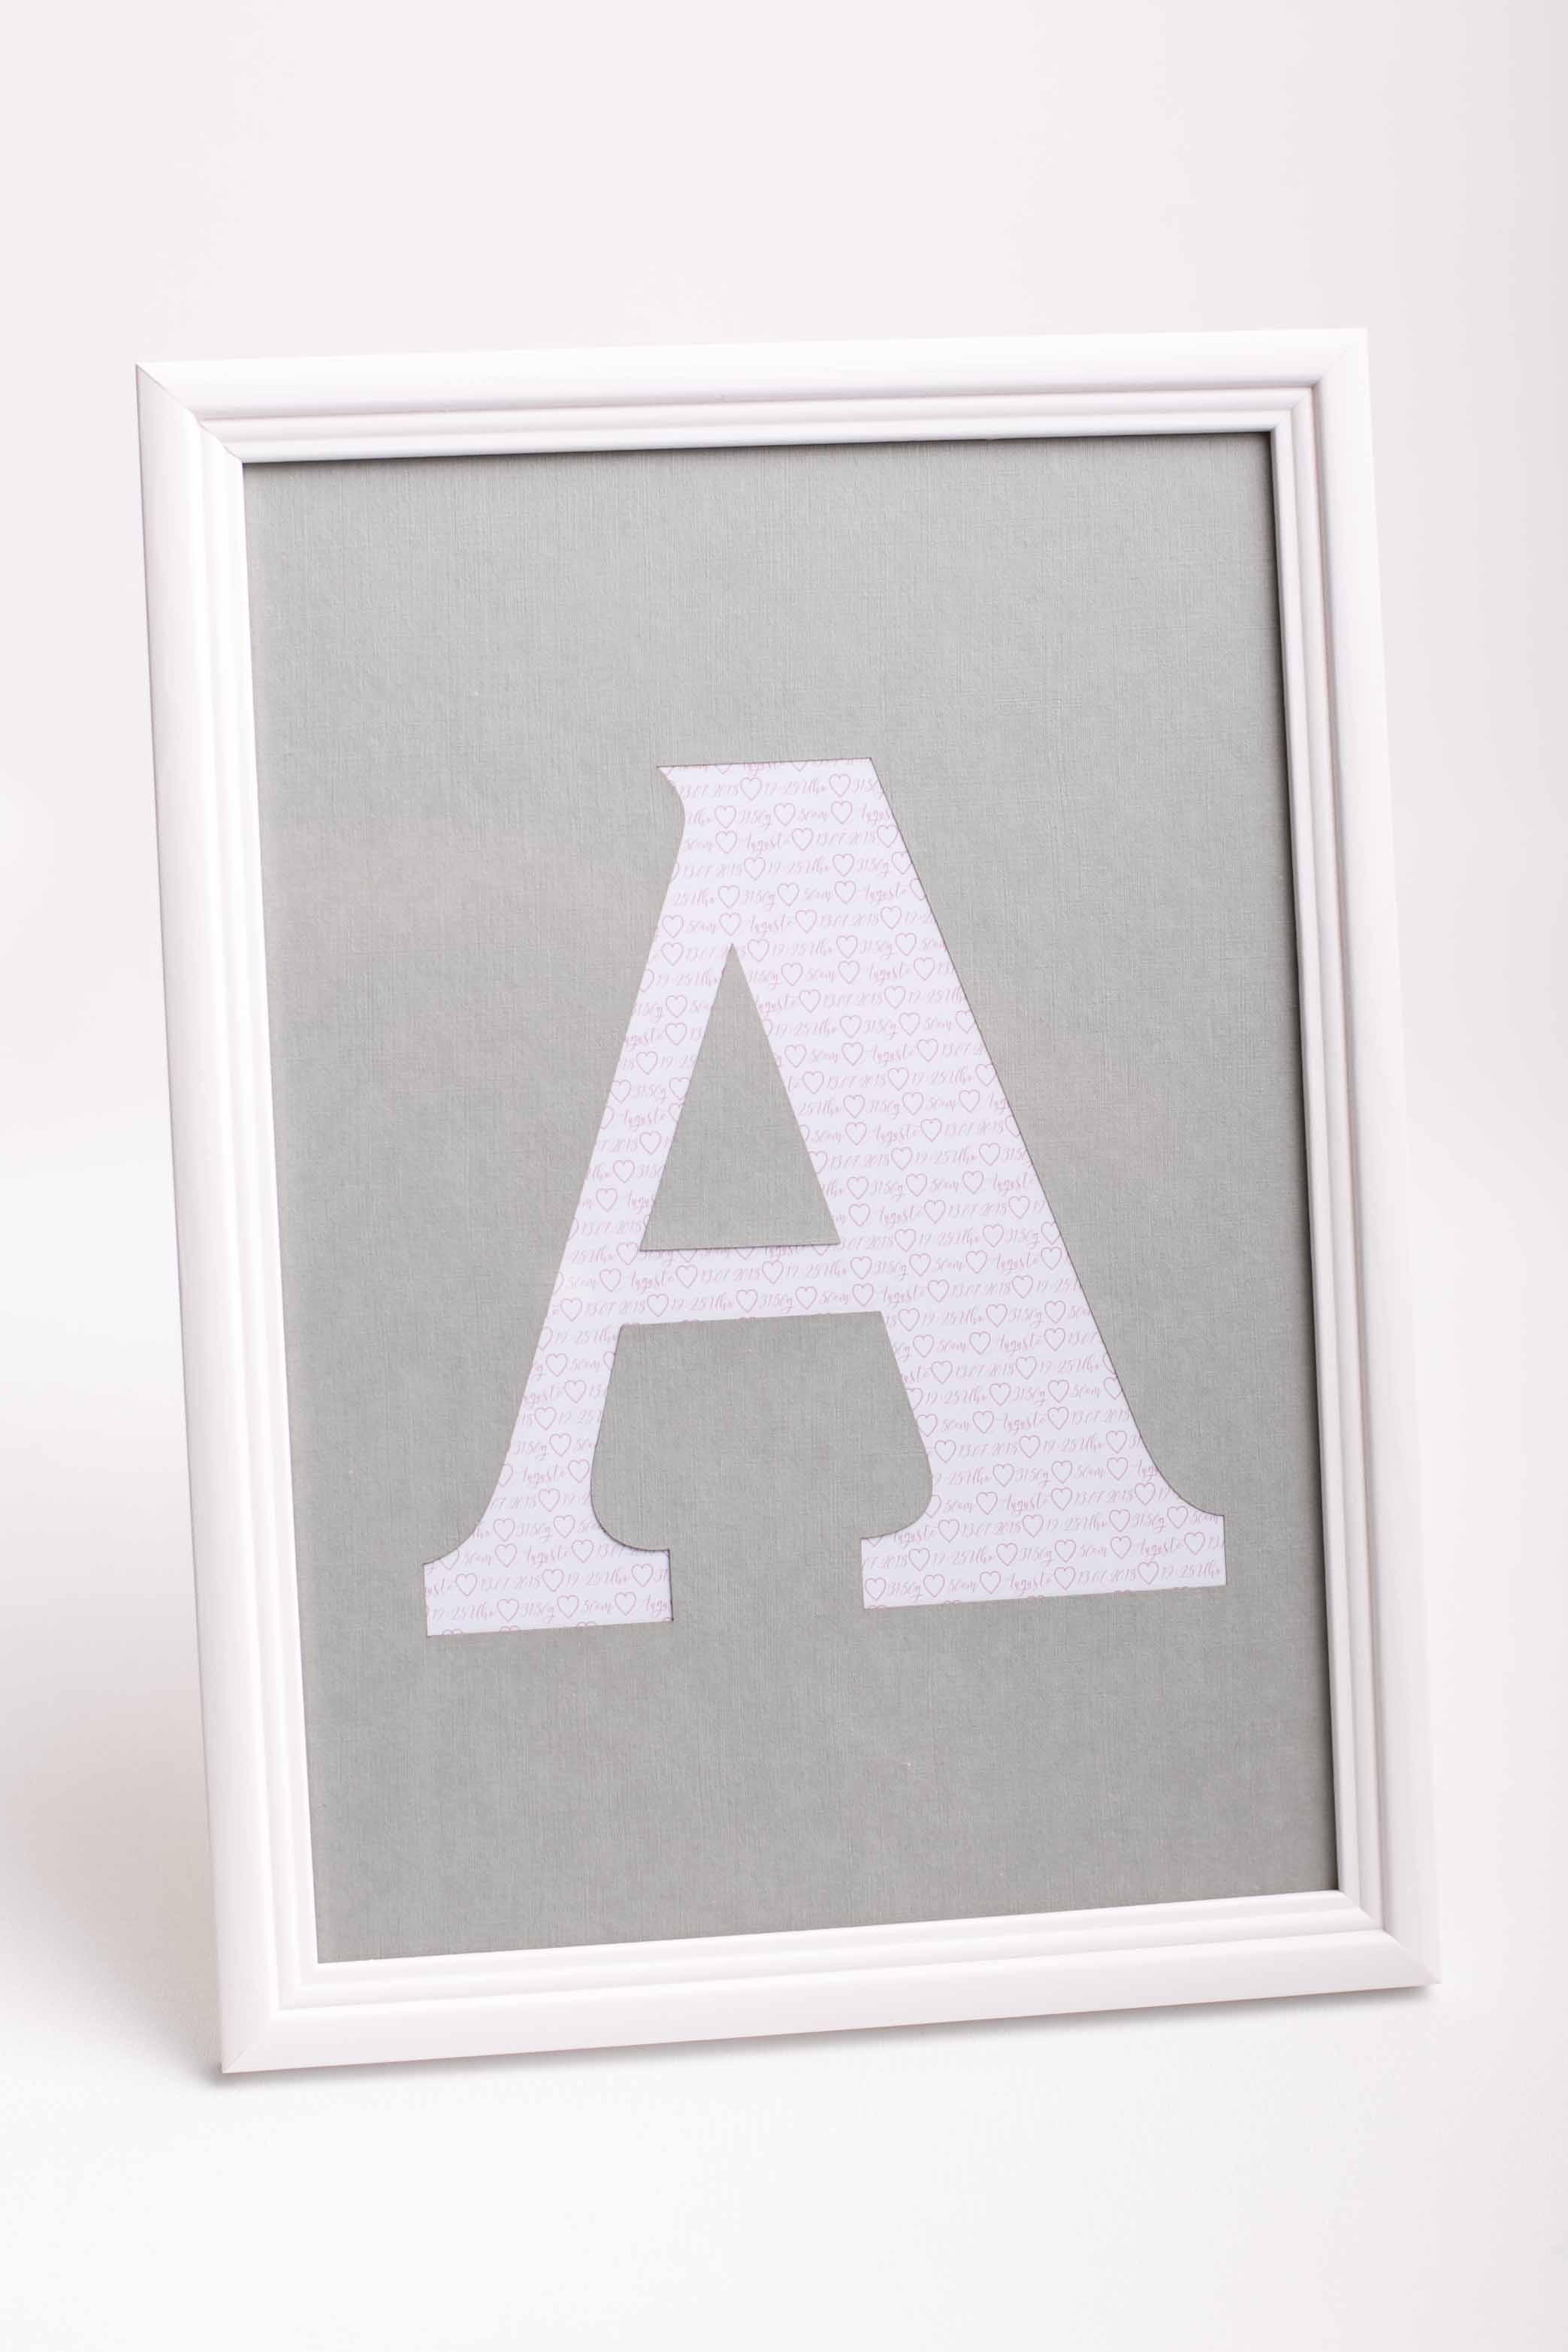 bilderrahmen mit den initialen und daten des babys im a4 holzrahmen dekoriert. Black Bedroom Furniture Sets. Home Design Ideas